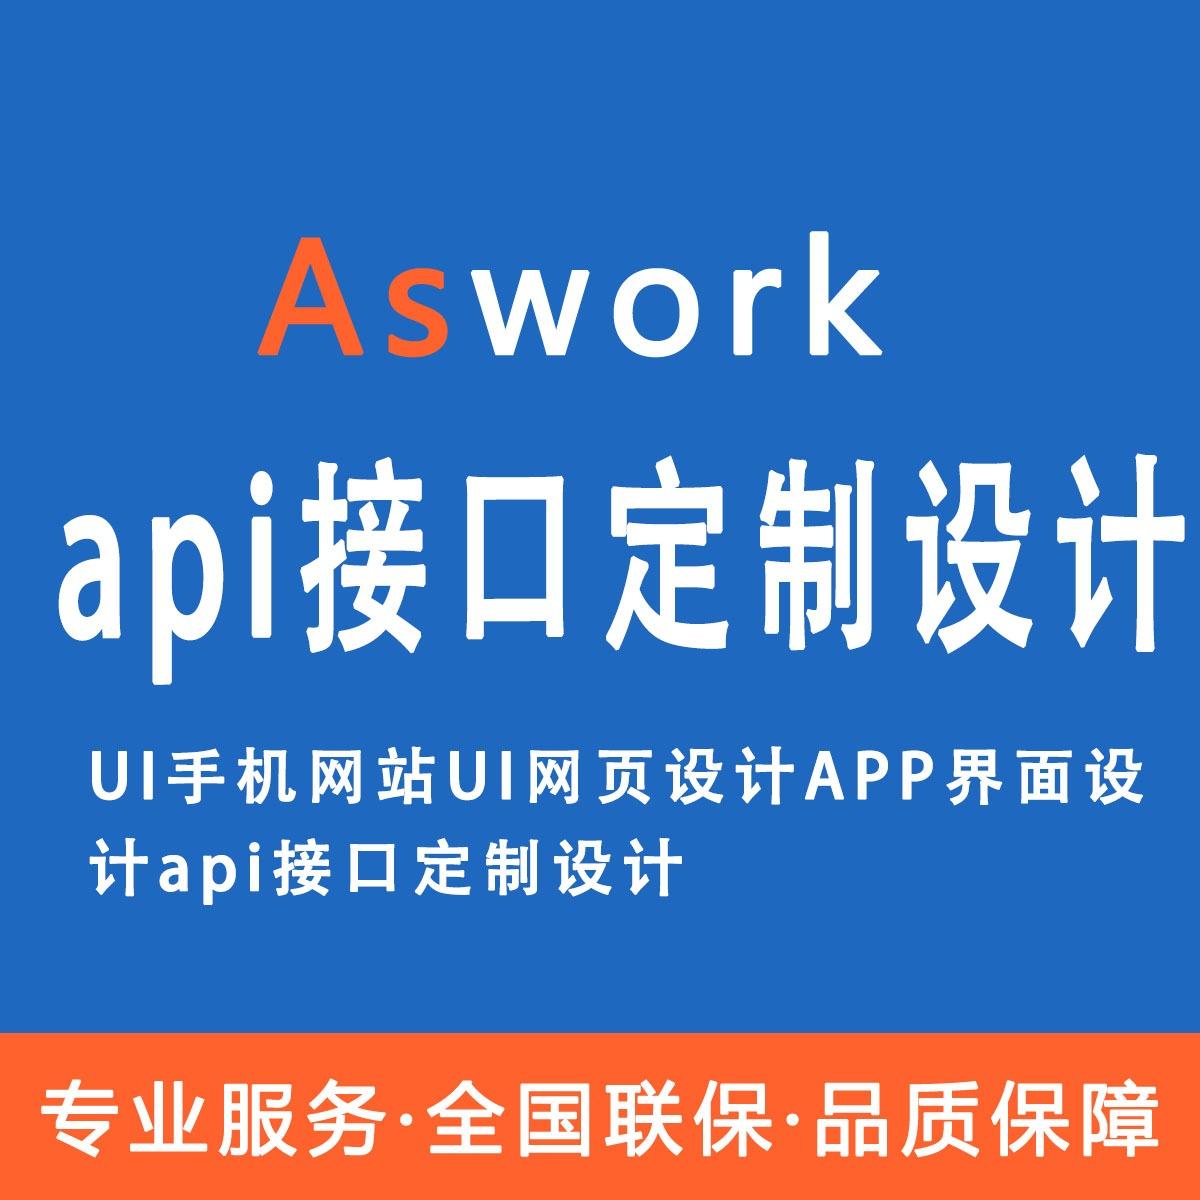 UI手机网站UI网页设计APP界面设计api接口定制设计